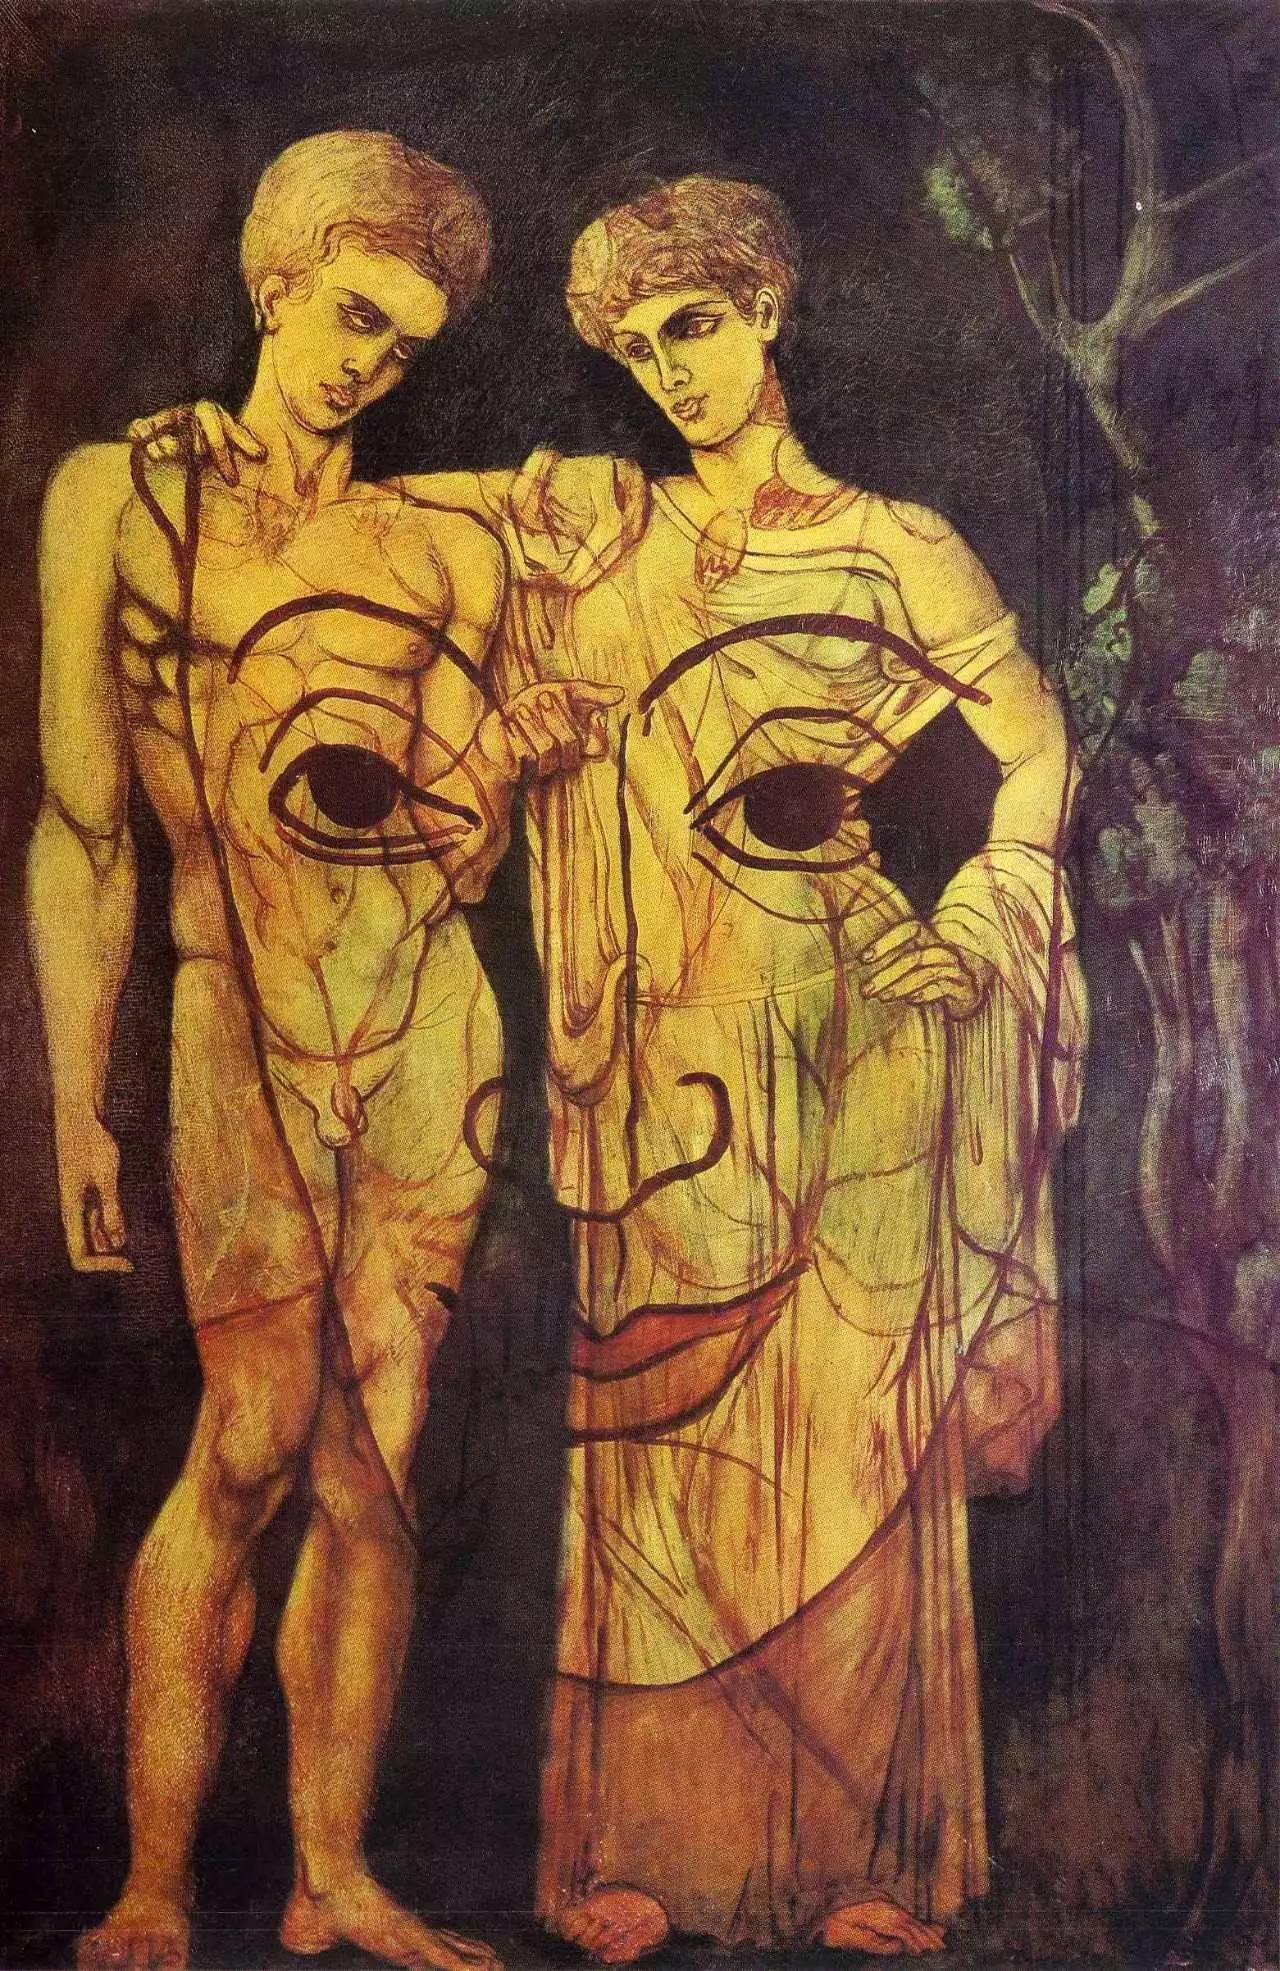 皮卡比亚:艺术家中的反骨,却创作出让人眩晕的幸福感